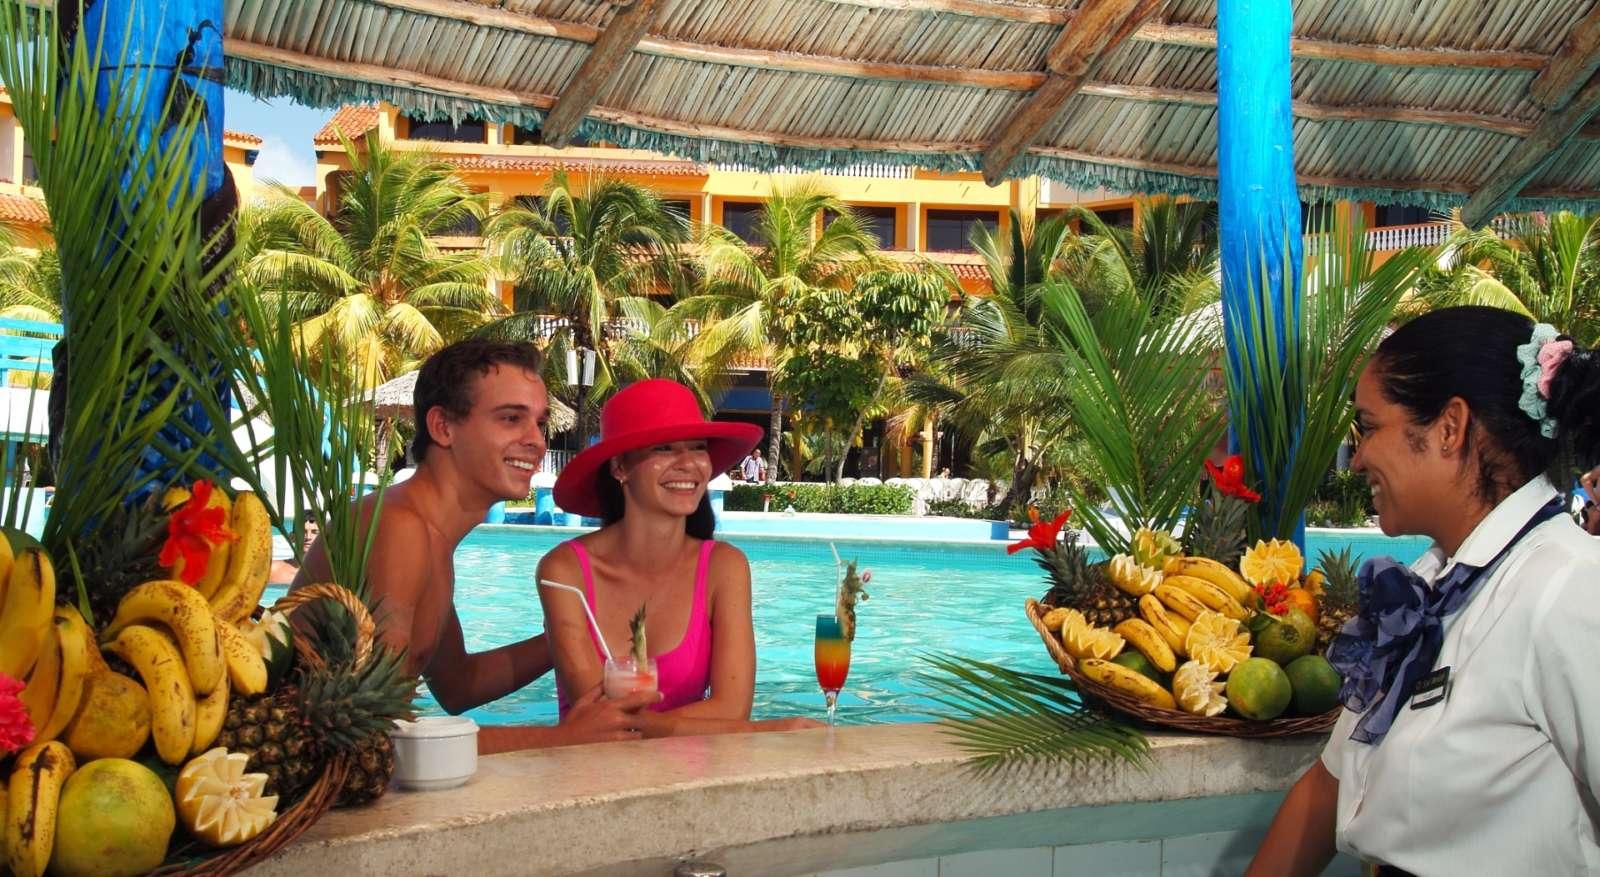 Swim up bar at Sol Rio De Luna Y Mares